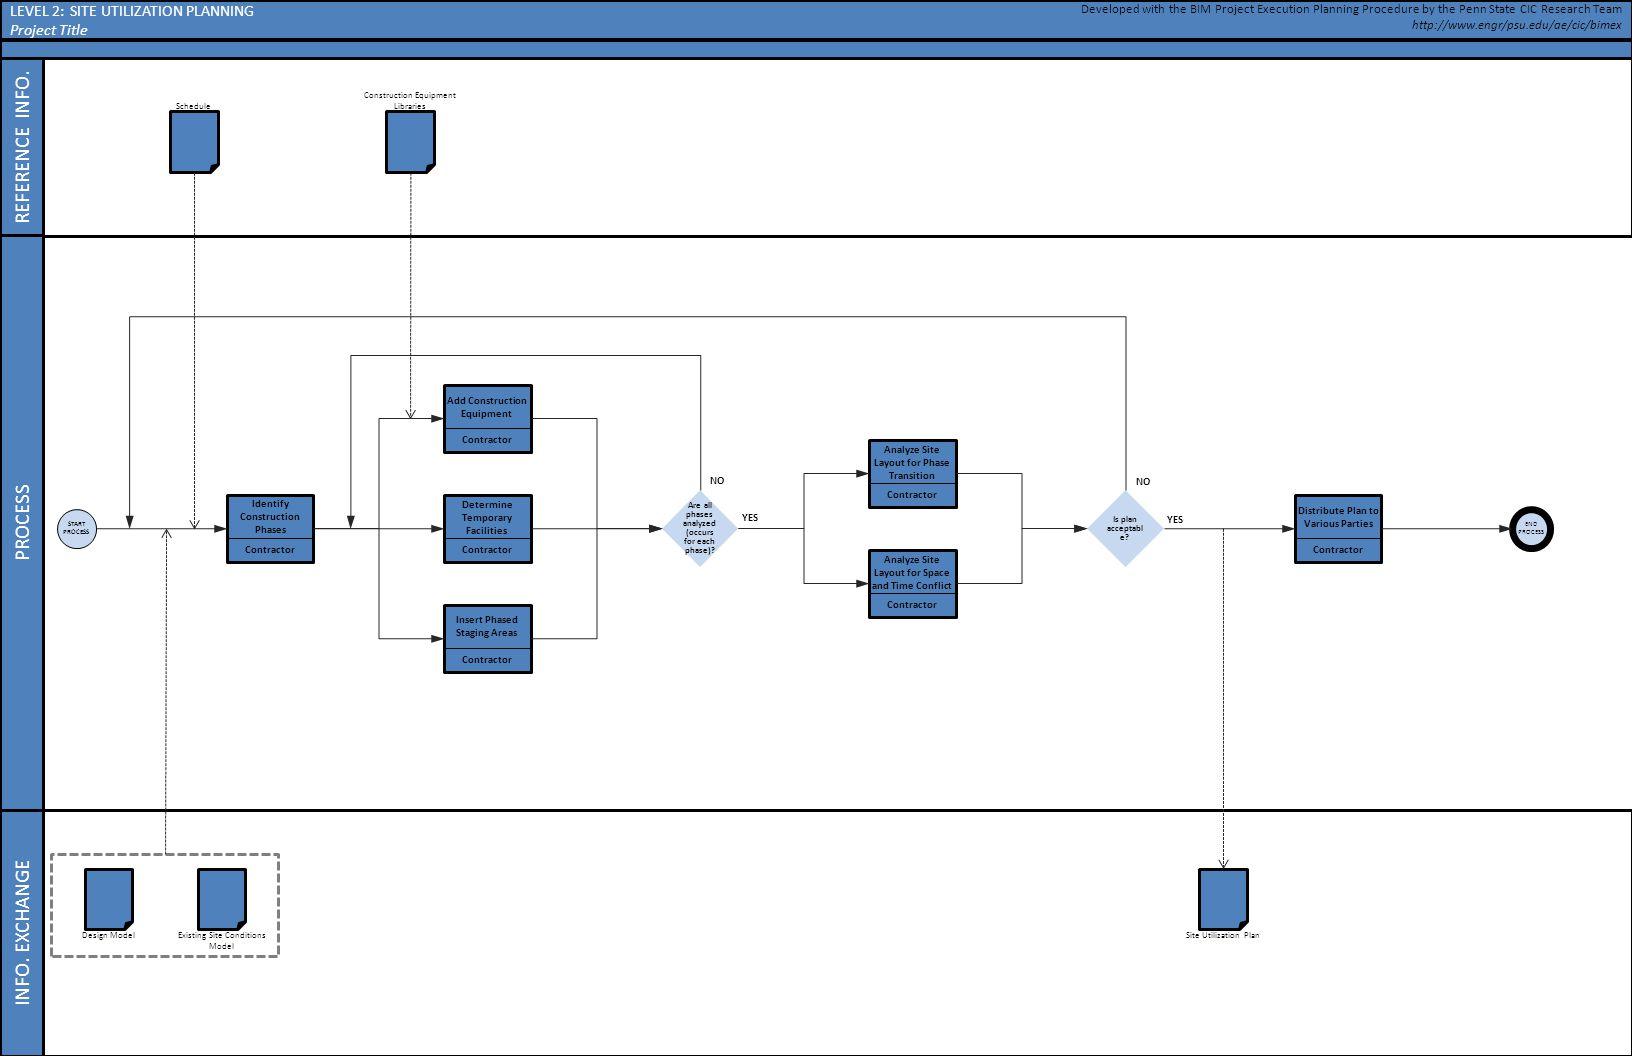 Site utilization planning